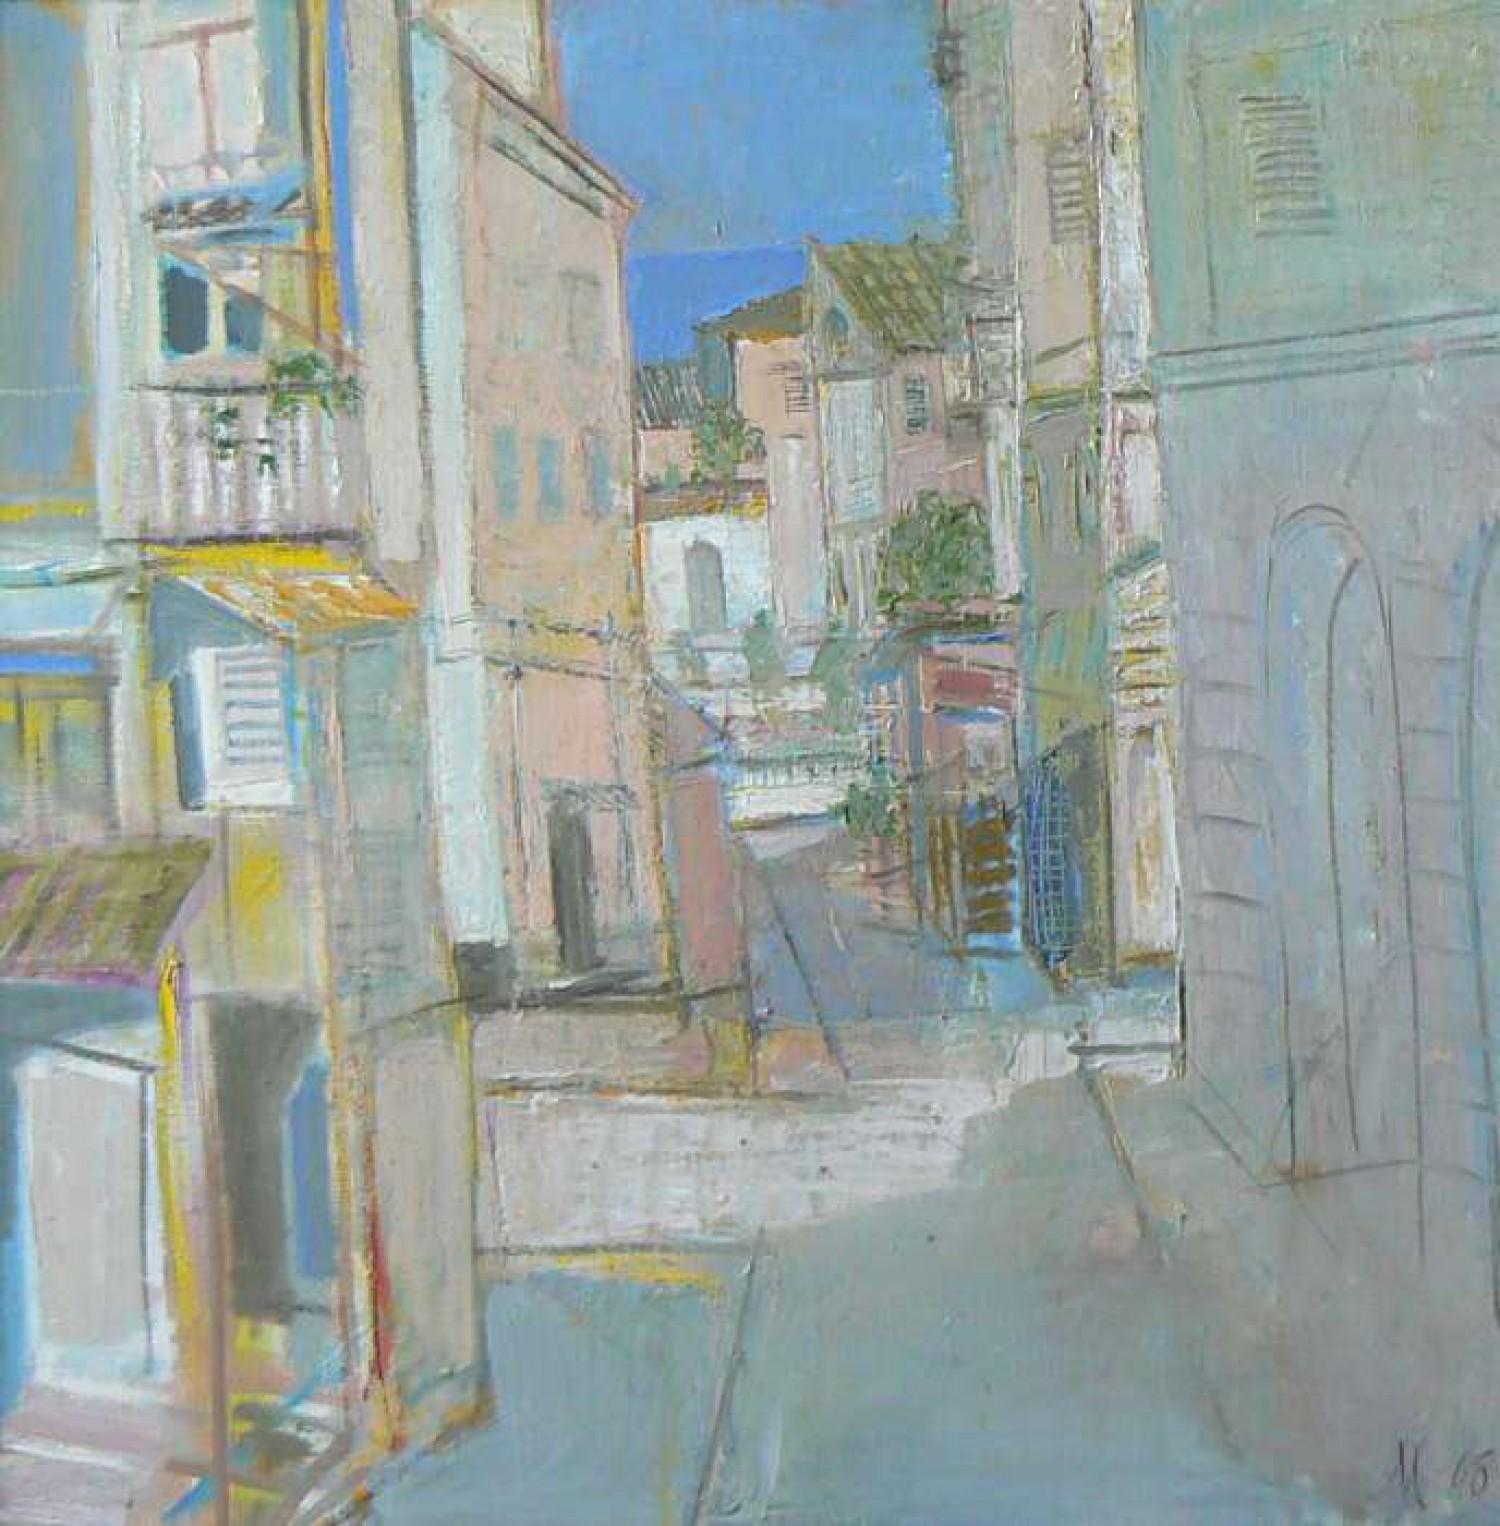 Л.А.Малафеевский. Город у моря I . 2008. Холст, масло. 90х90.